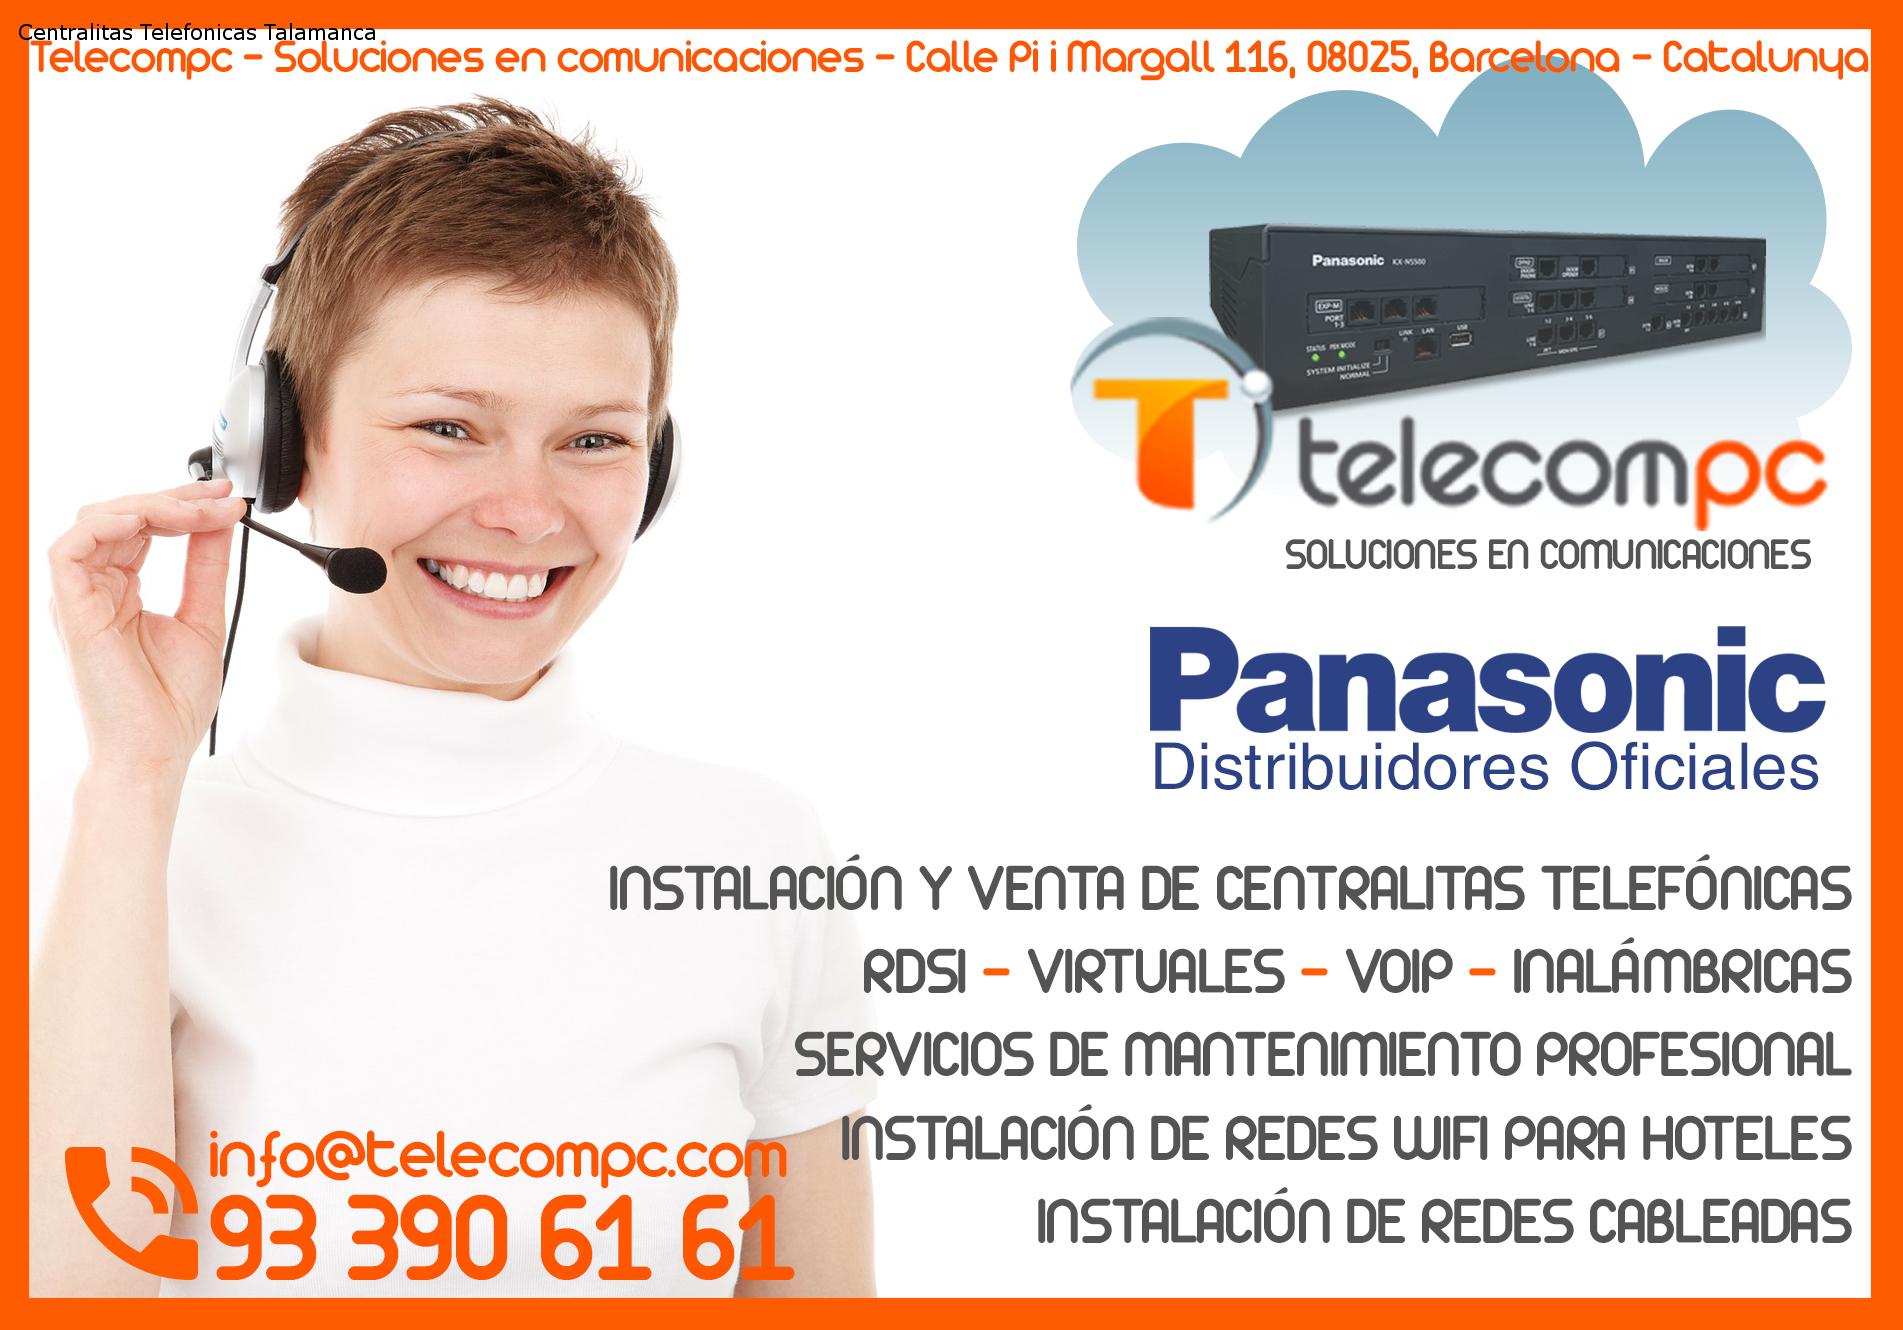 Centralitas Telefonicas Talamanca